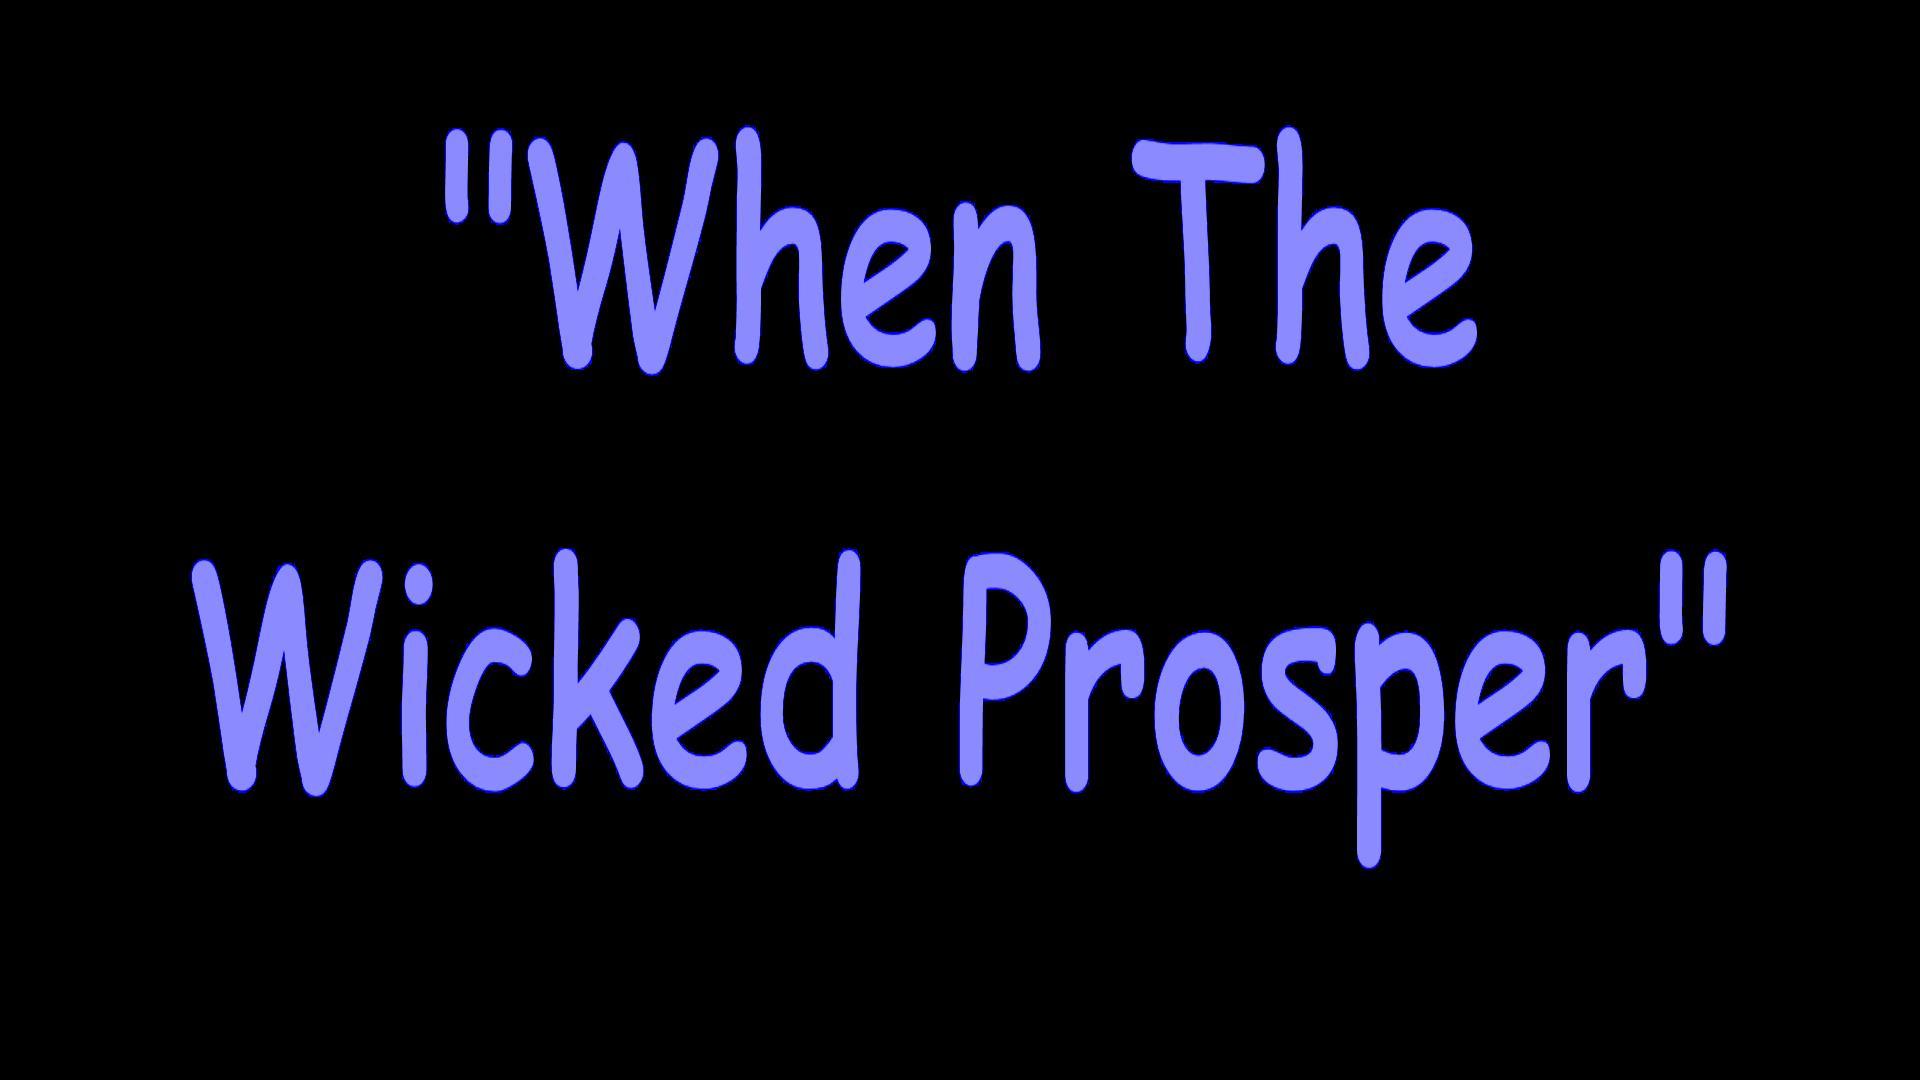 When The Wicked Prosper